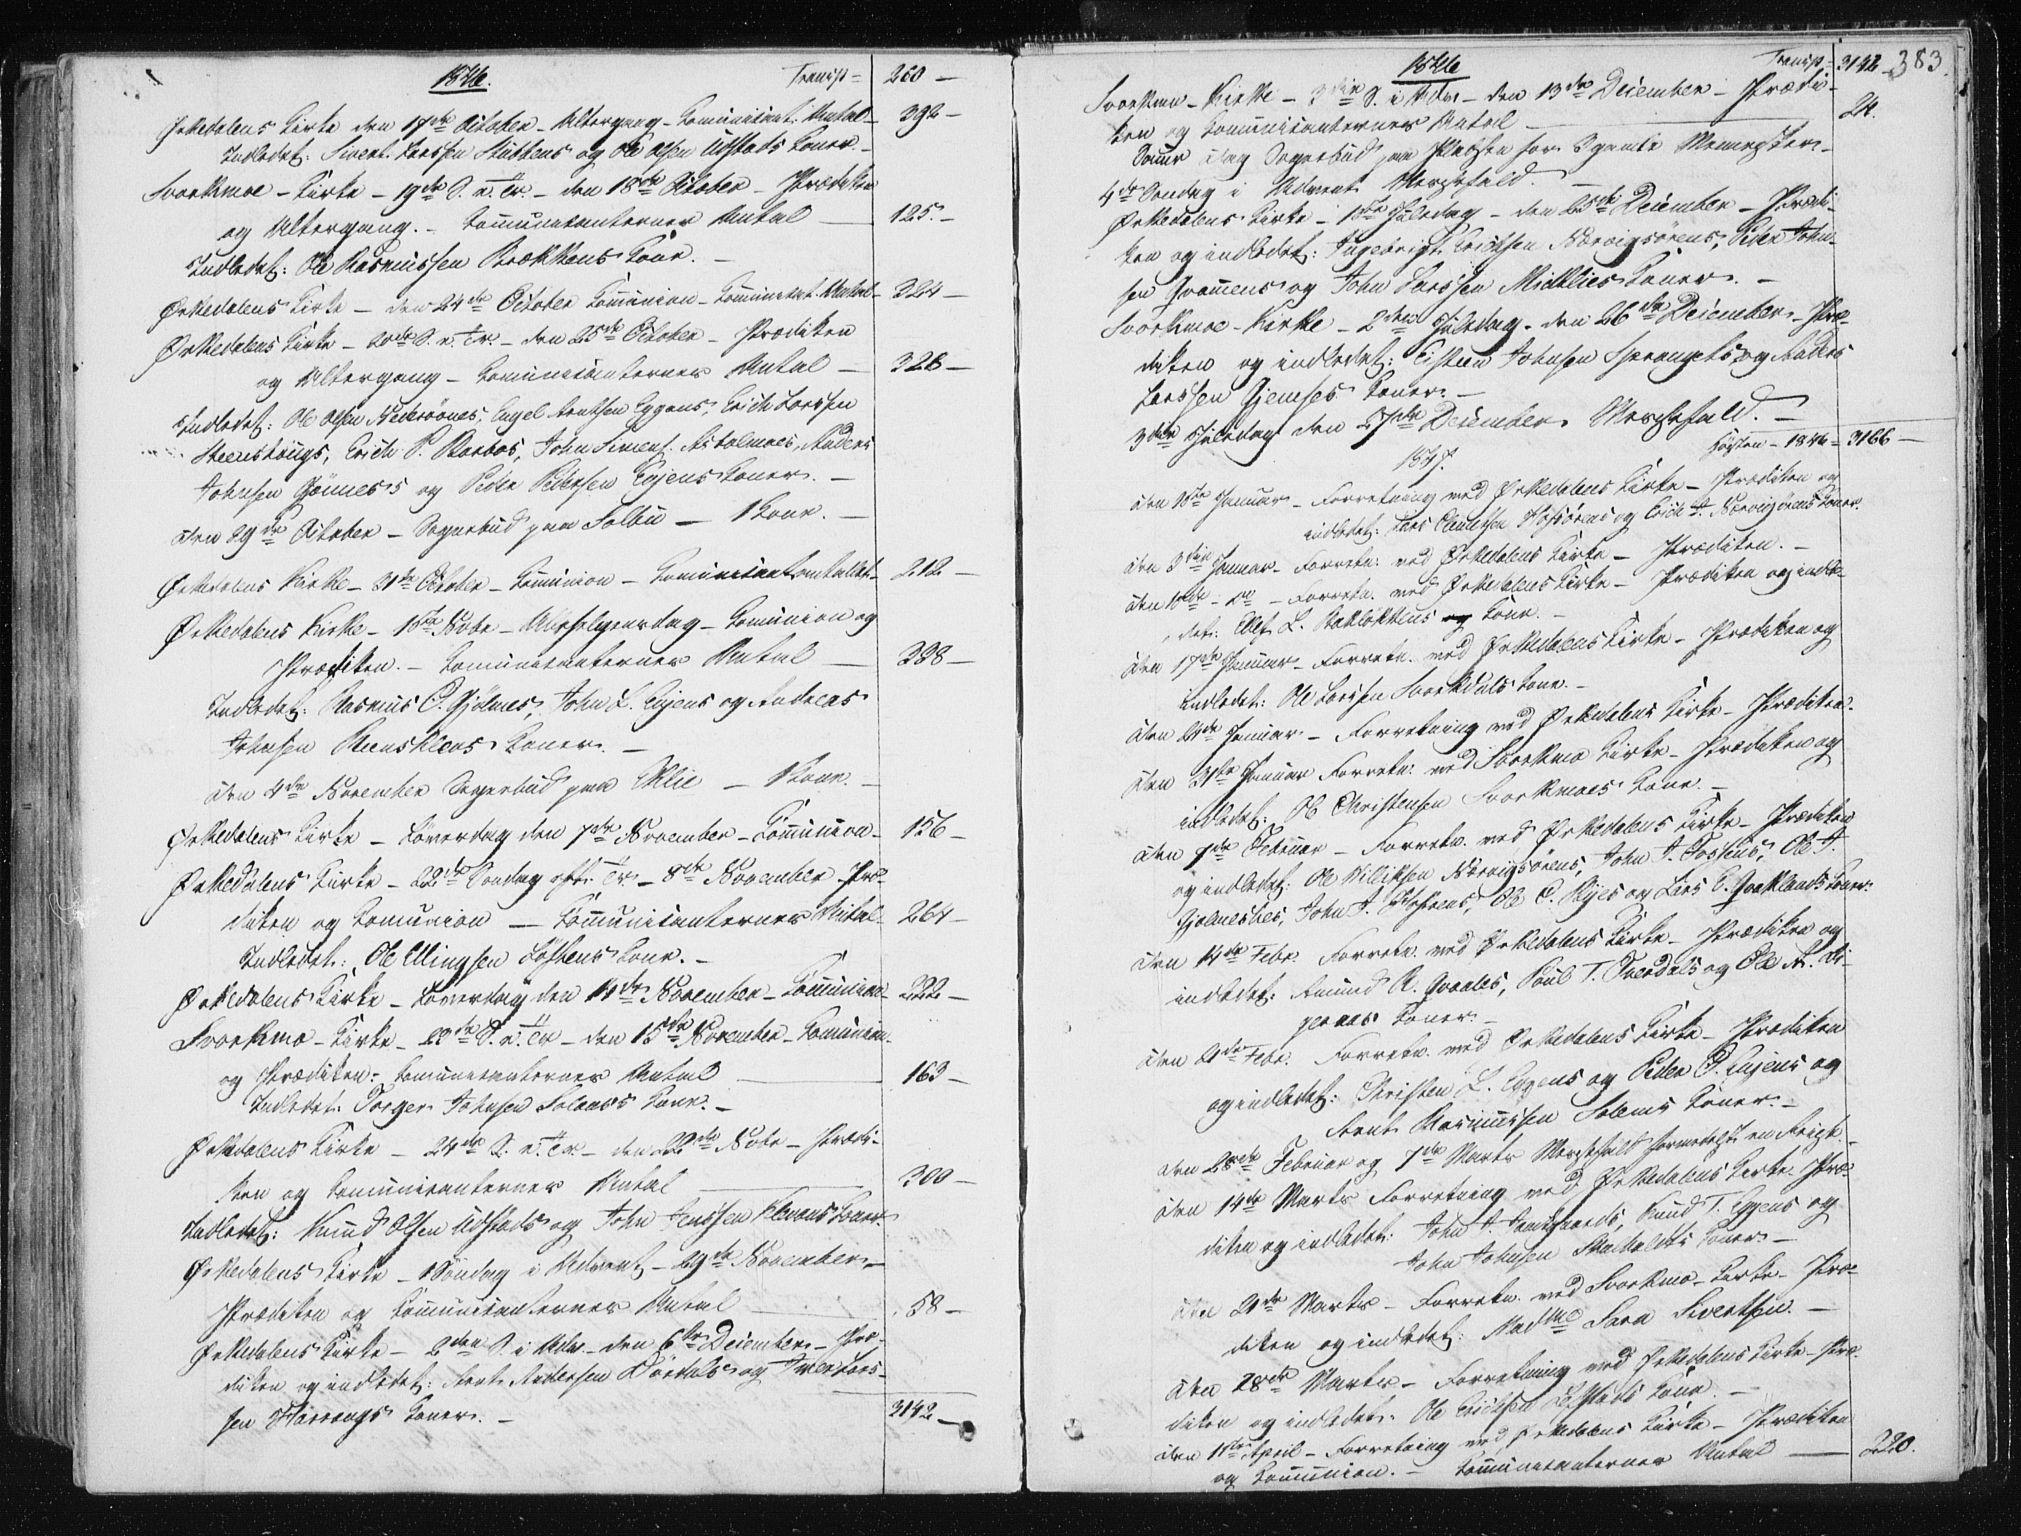 SAT, Ministerialprotokoller, klokkerbøker og fødselsregistre - Sør-Trøndelag, 668/L0805: Ministerialbok nr. 668A05, 1840-1853, s. 383